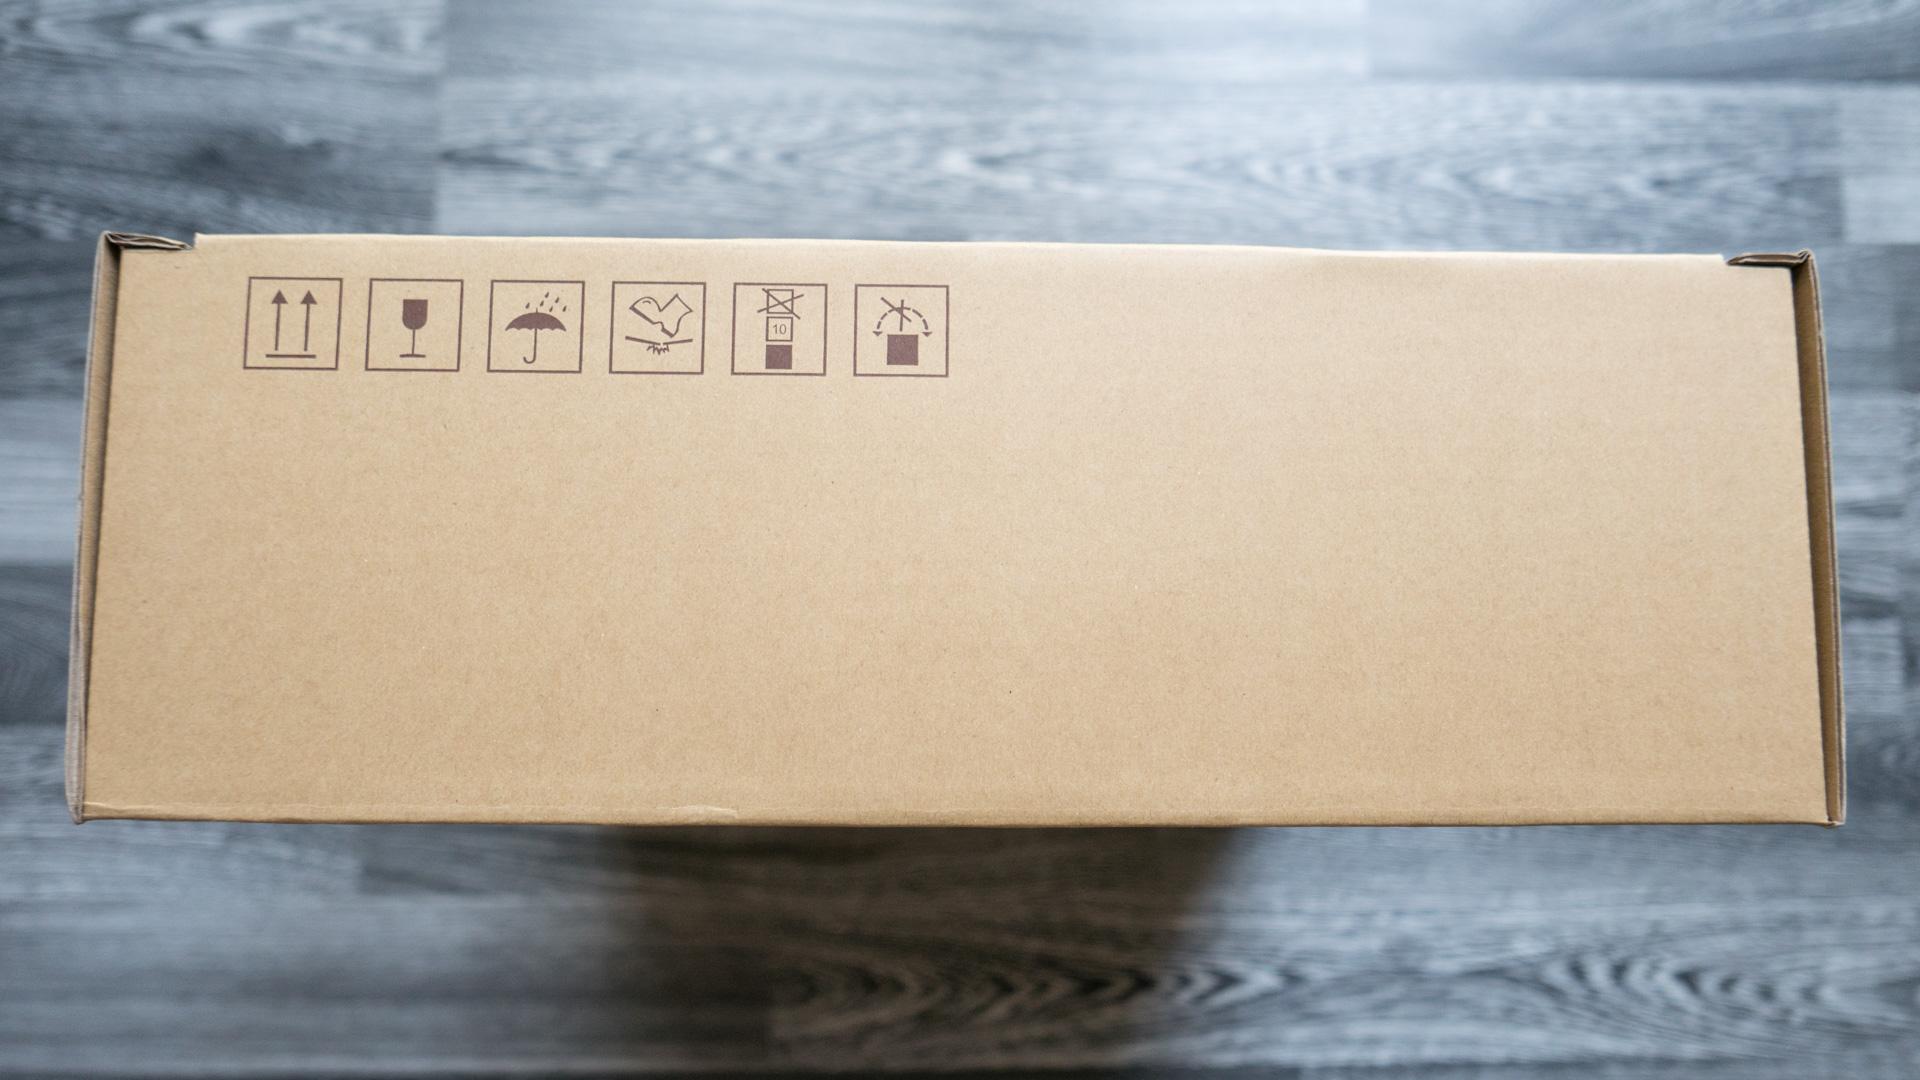 Xiaomi roborock Xiaowa Unboxing 10